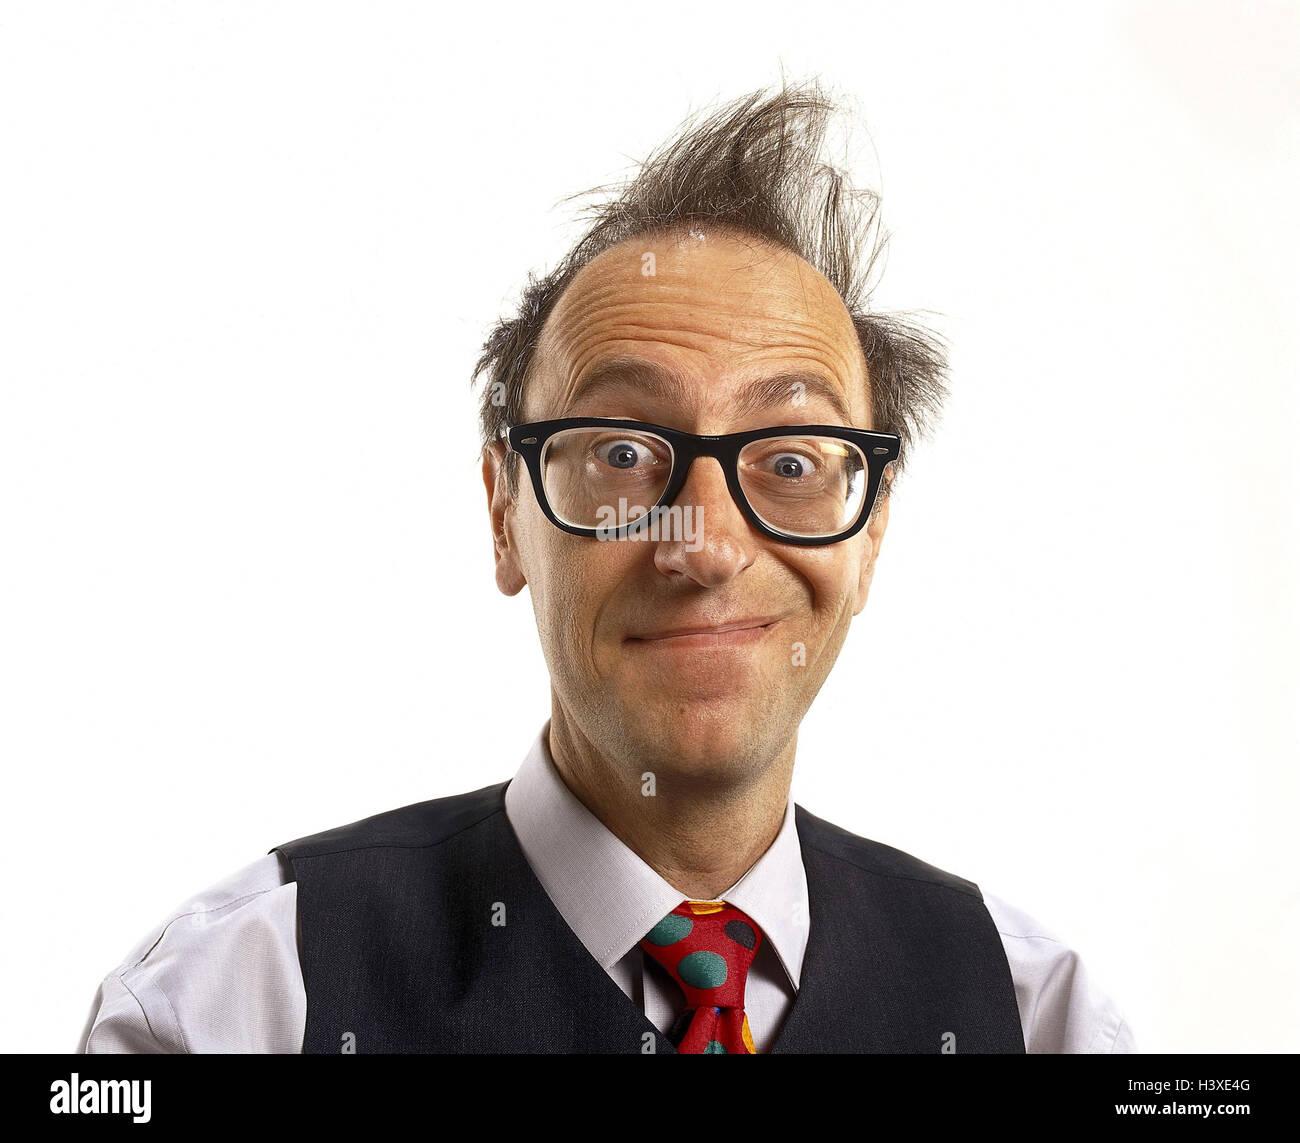 Mann Mittlerer Alter Mensch Haare Rüschen Chaotisch Brille